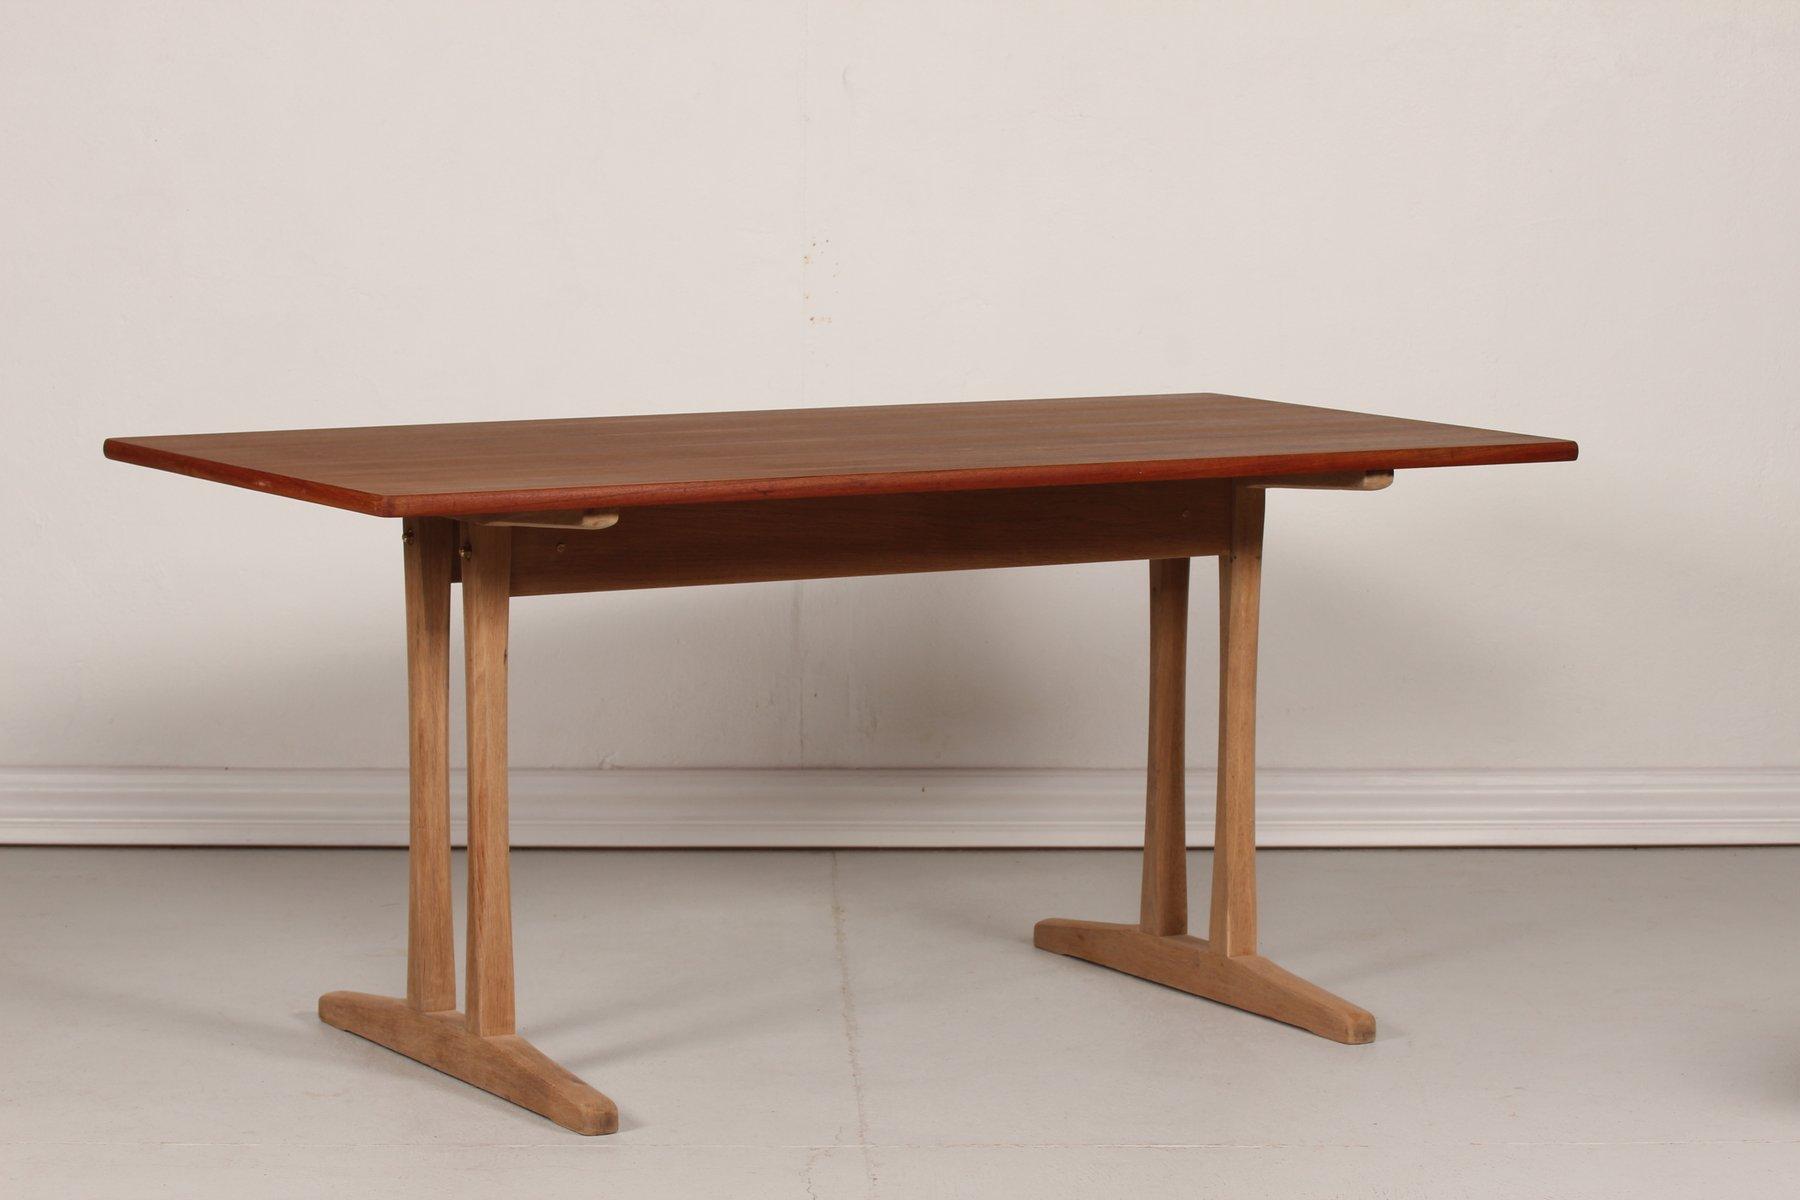 Dänischer Vintage Esszimmertisch von Børge Mogensen für FDB, 1950er